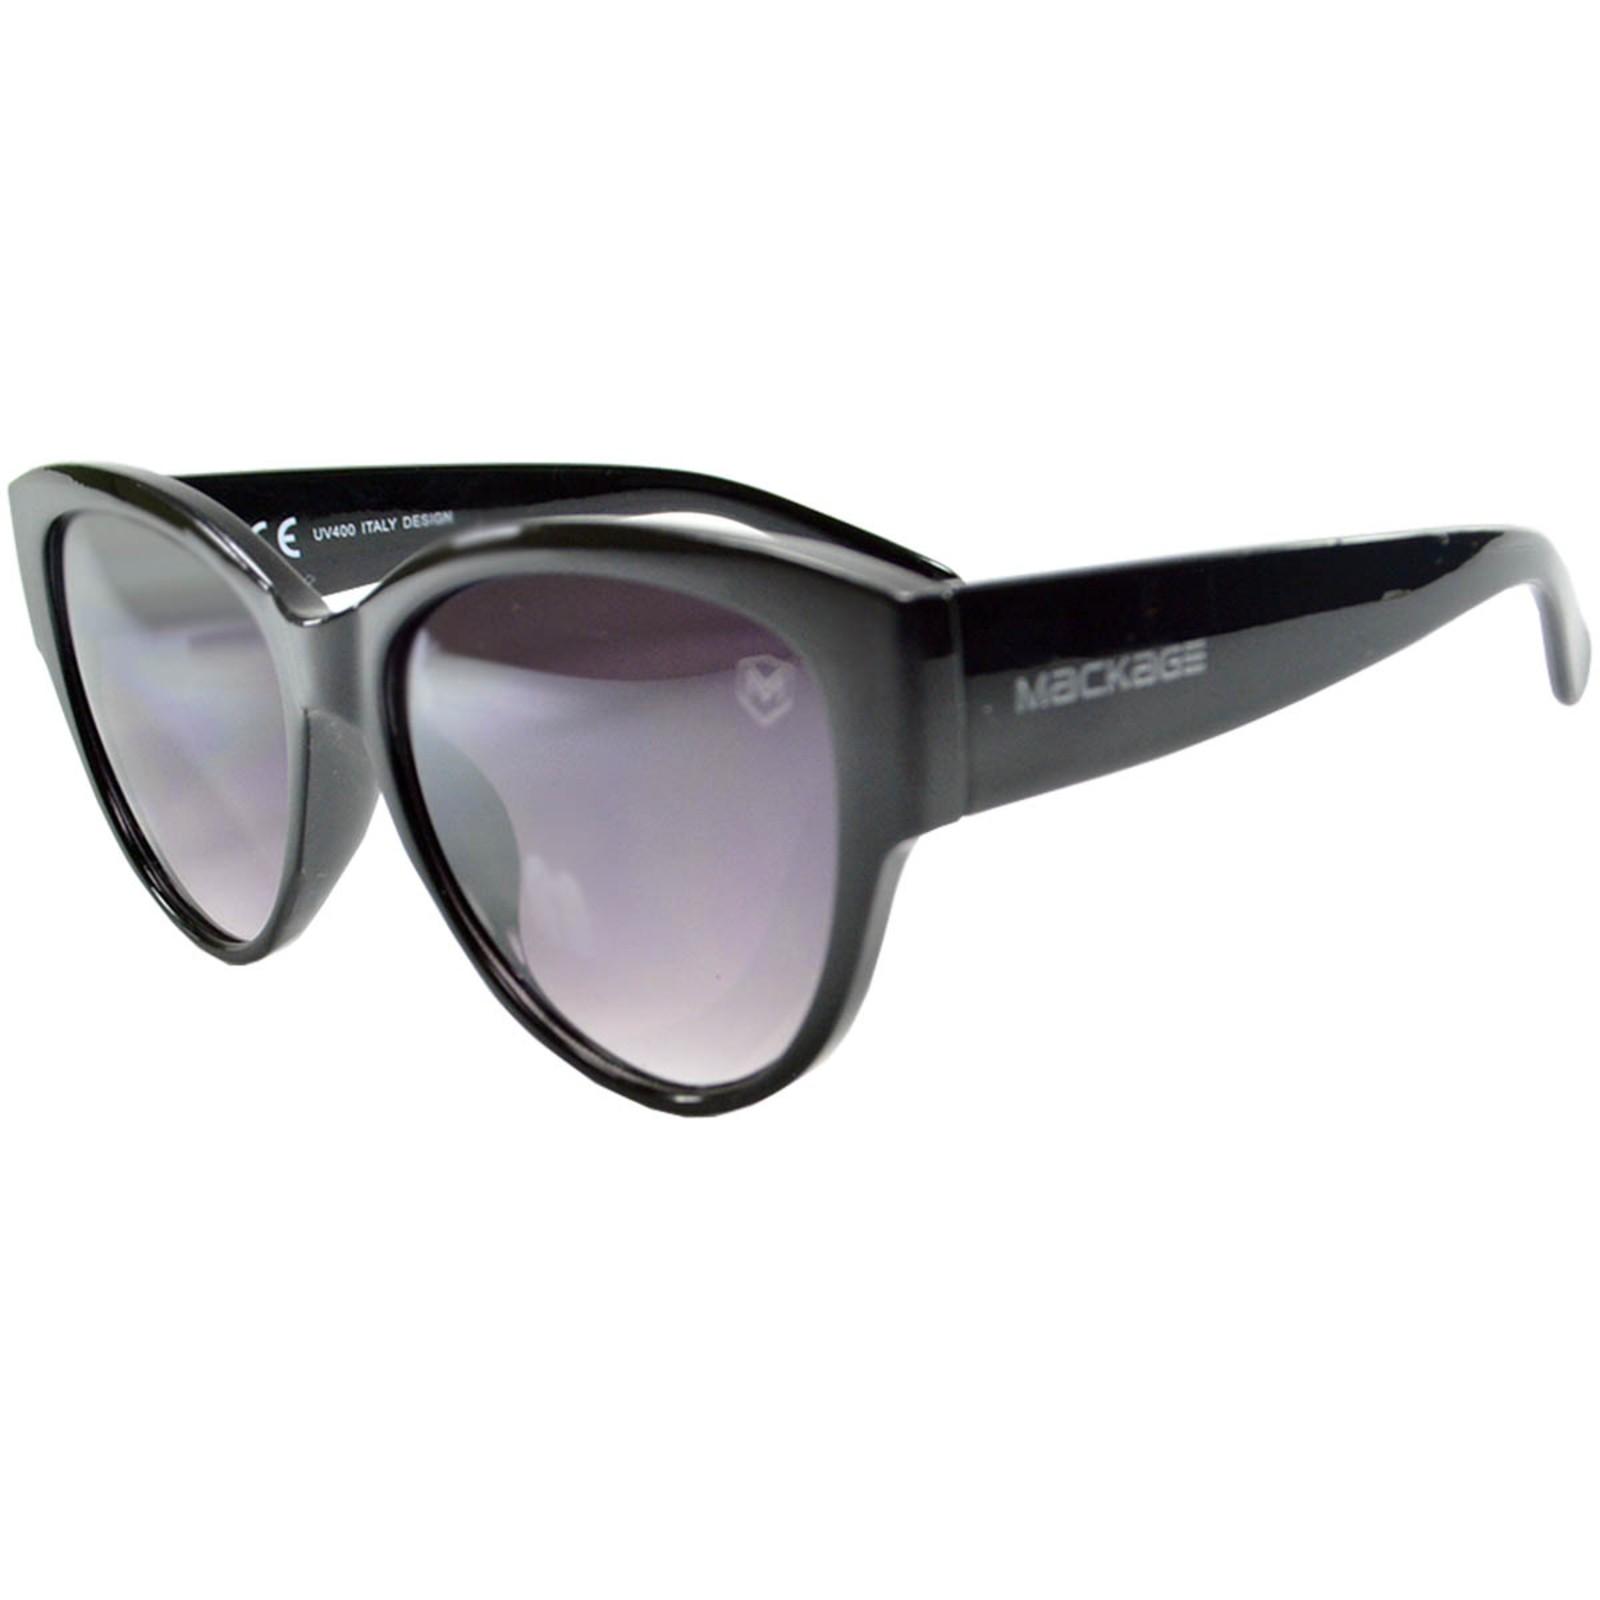 Óculos De Sol Mackage Feminino Acetato Redondo Jacko Retro Feminino - Preto